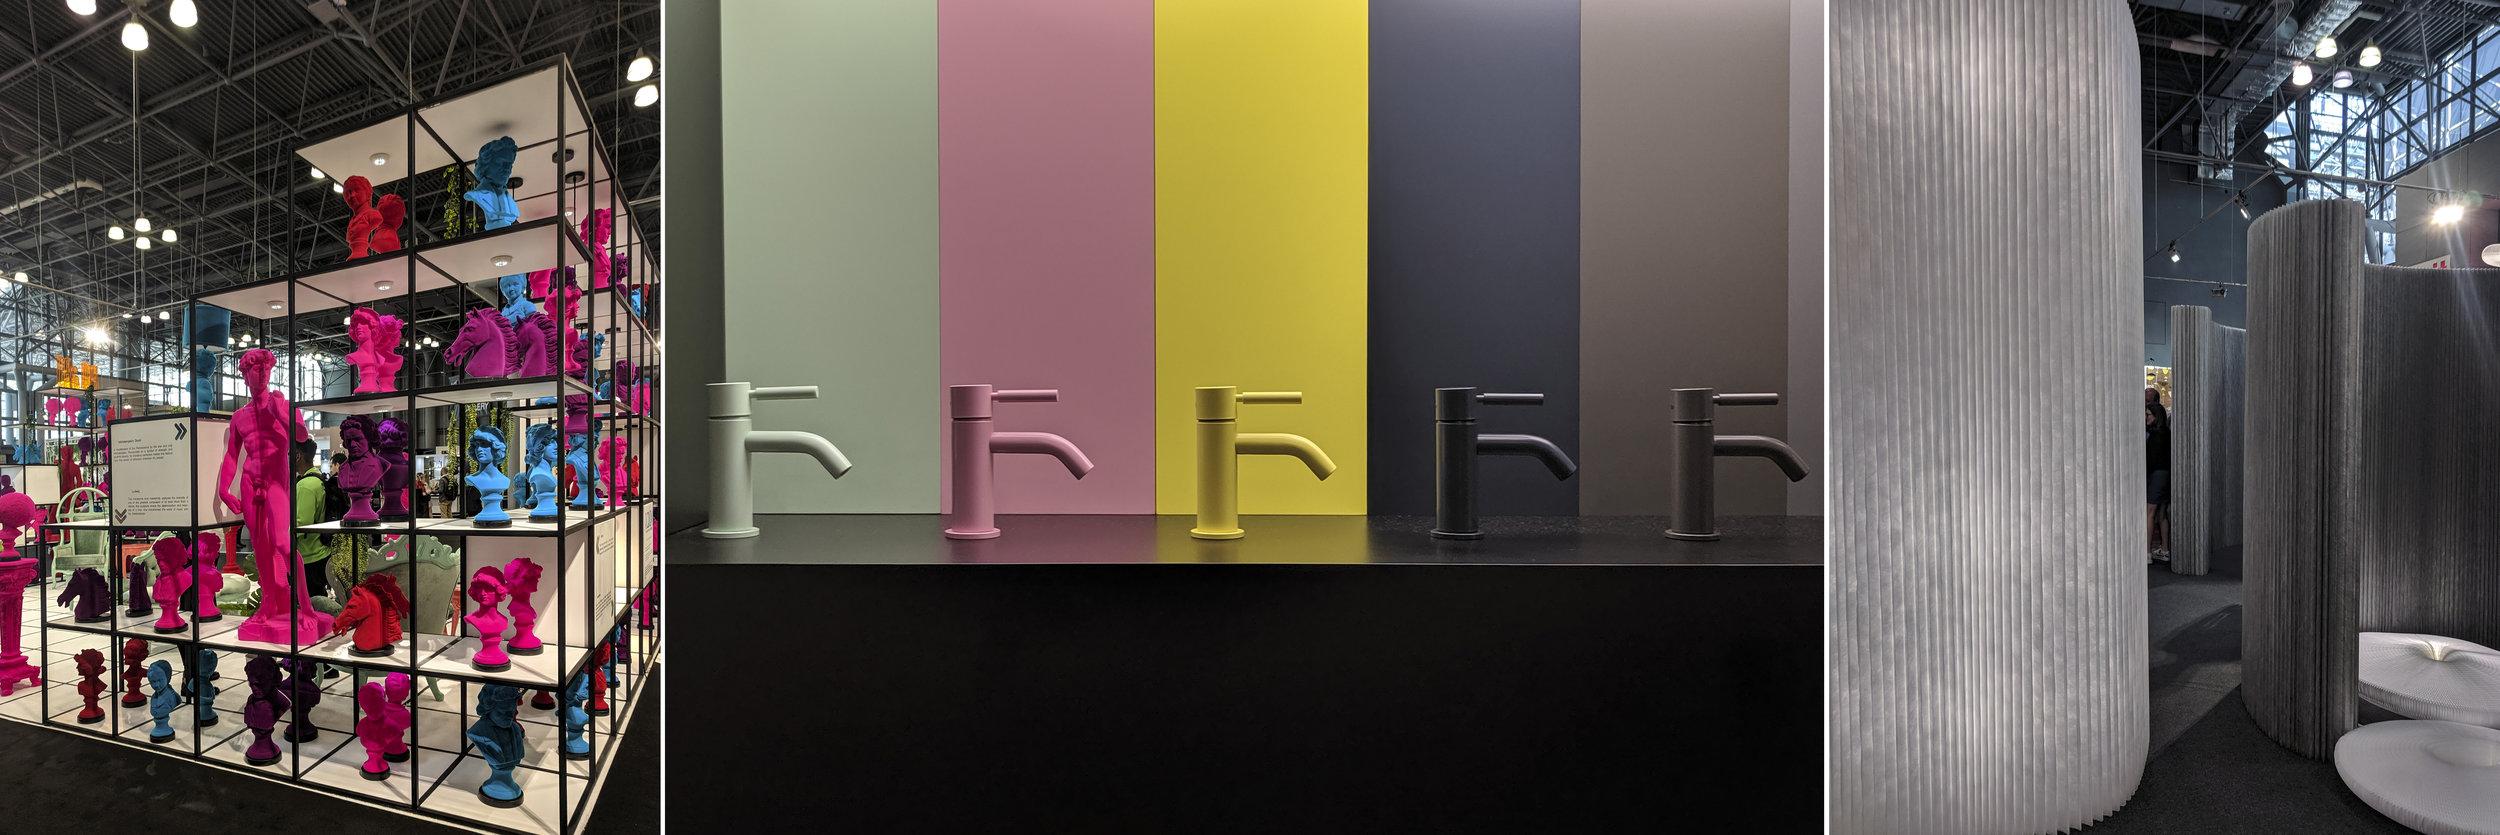 1-Colors.jpg